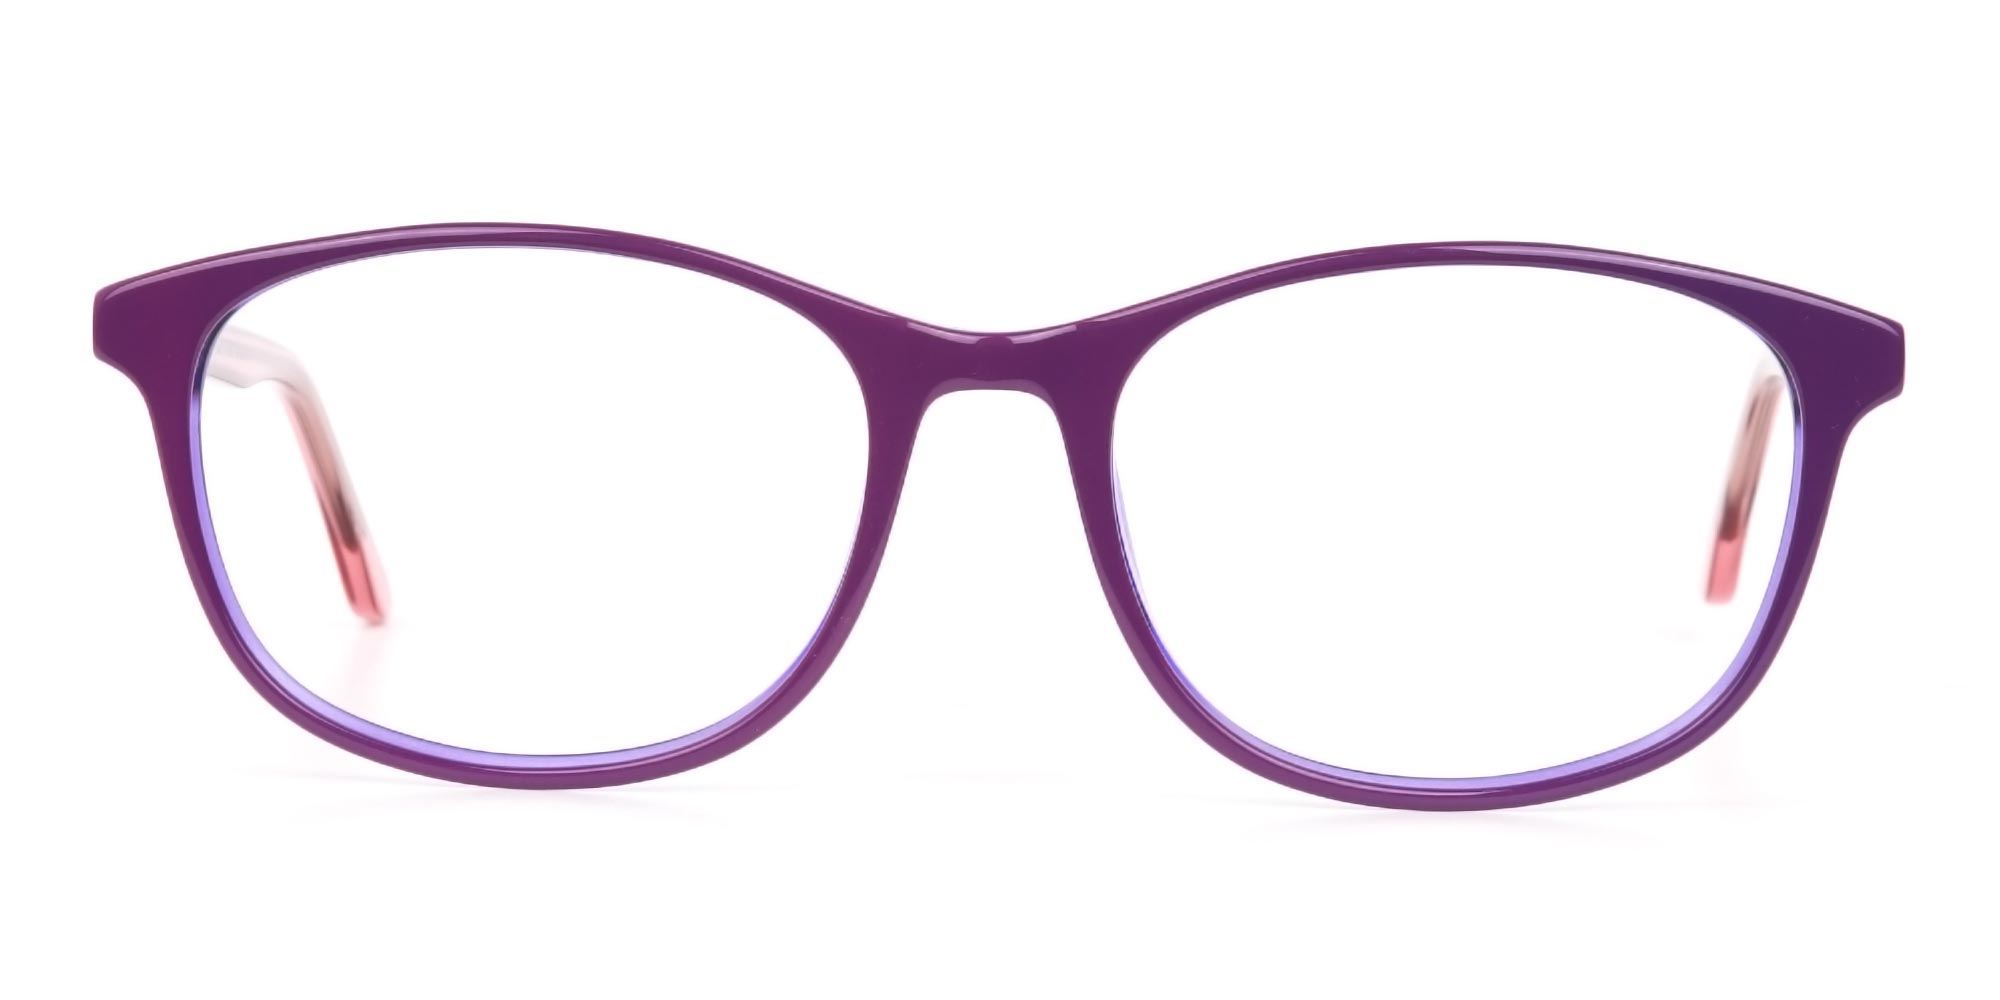 Crystal Eyeglasses in Raisin Purple and Rose Red